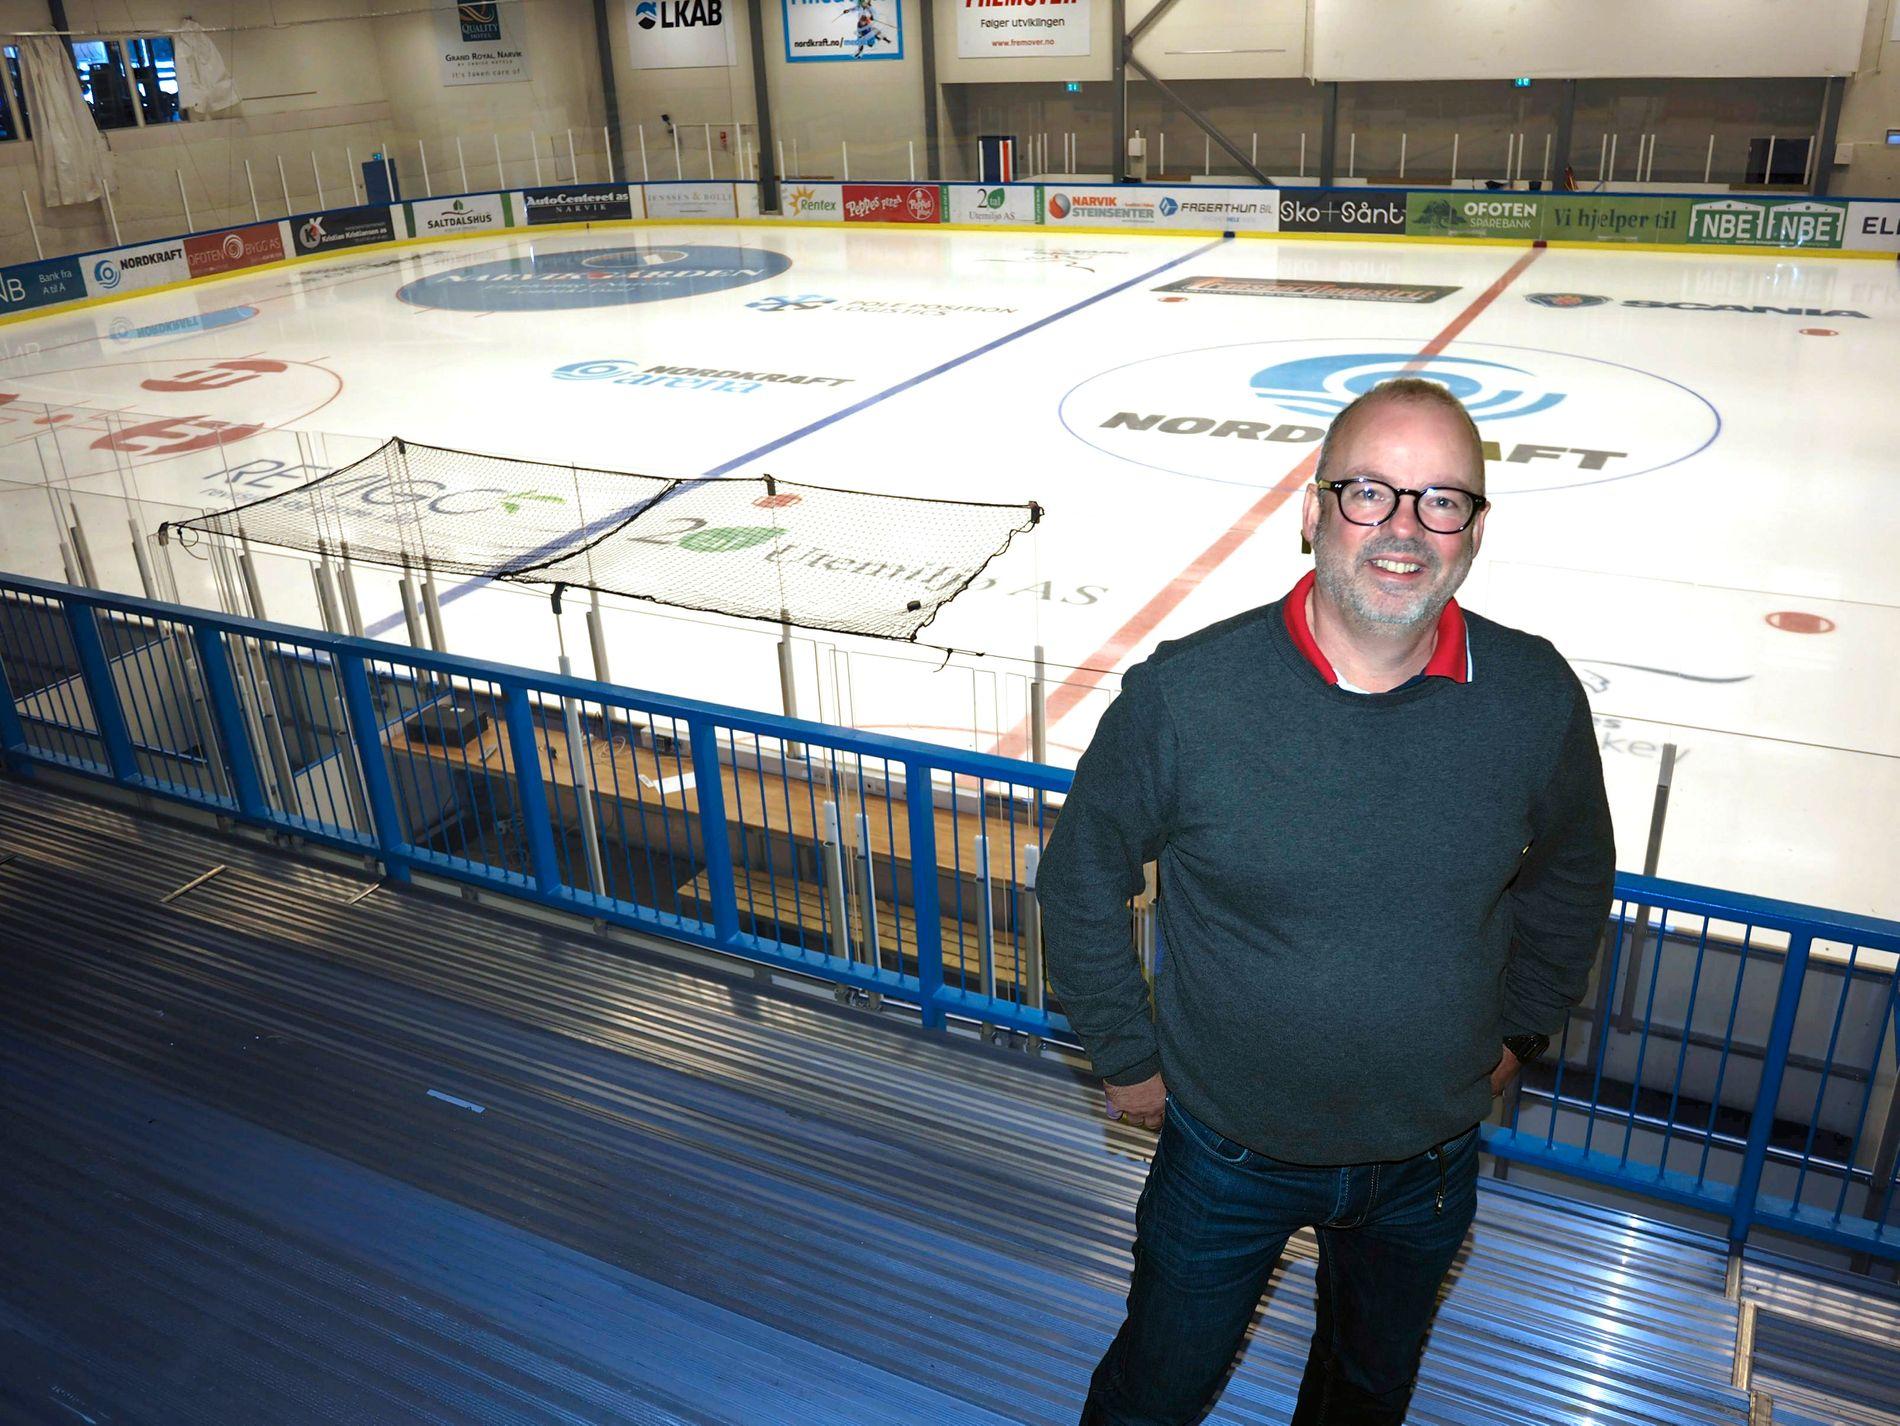 PÅ HJEMMEBANE: Styreleder i Narvik Hockey, Stig Winther, er avhengig av å få inn mer penger for å reisebudsjettet til å gå opp om det blir spill i Get-ligaen neste sesong.